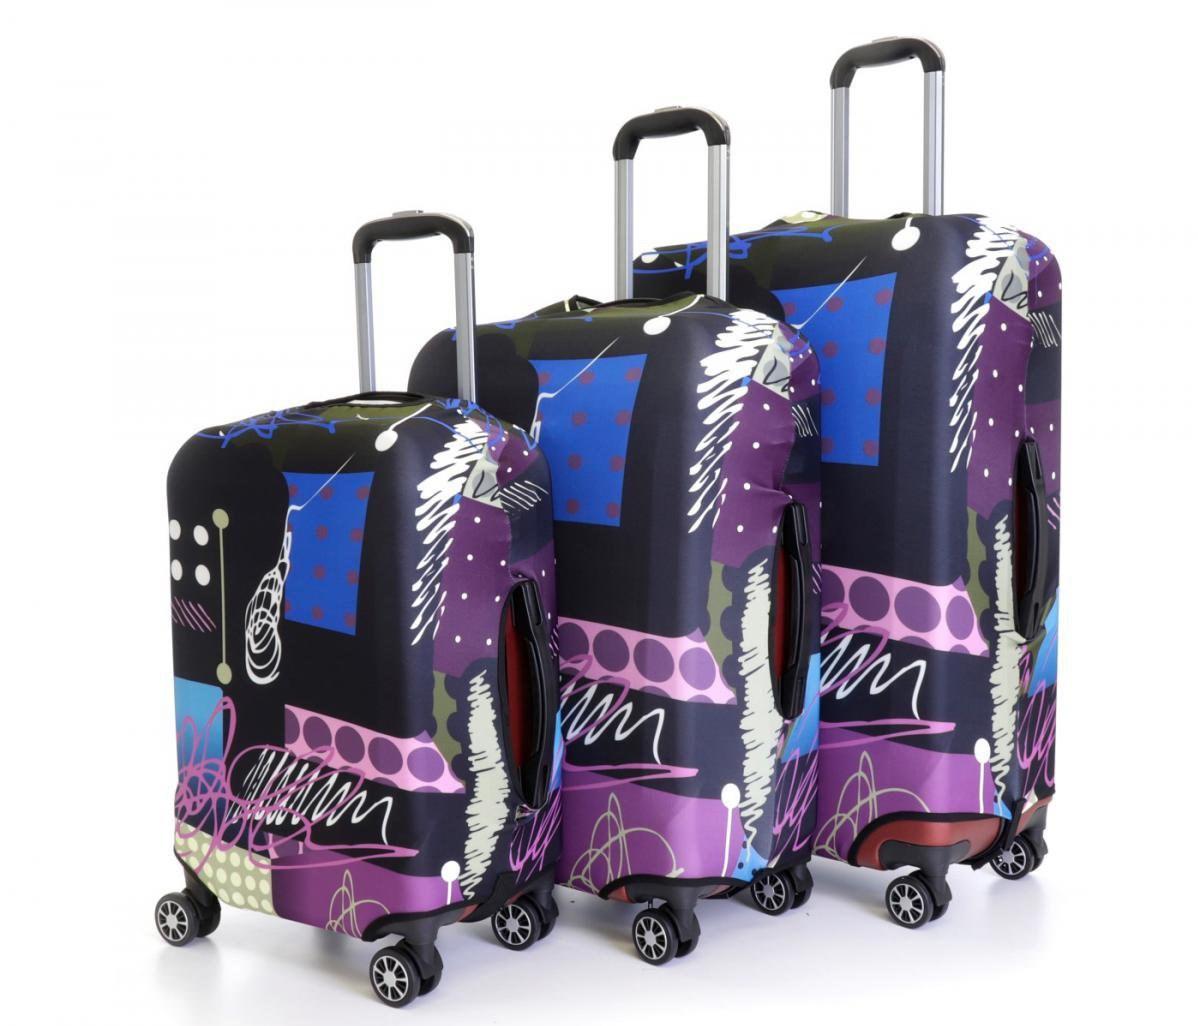 Sada 3 obalů na kufry  (malba)